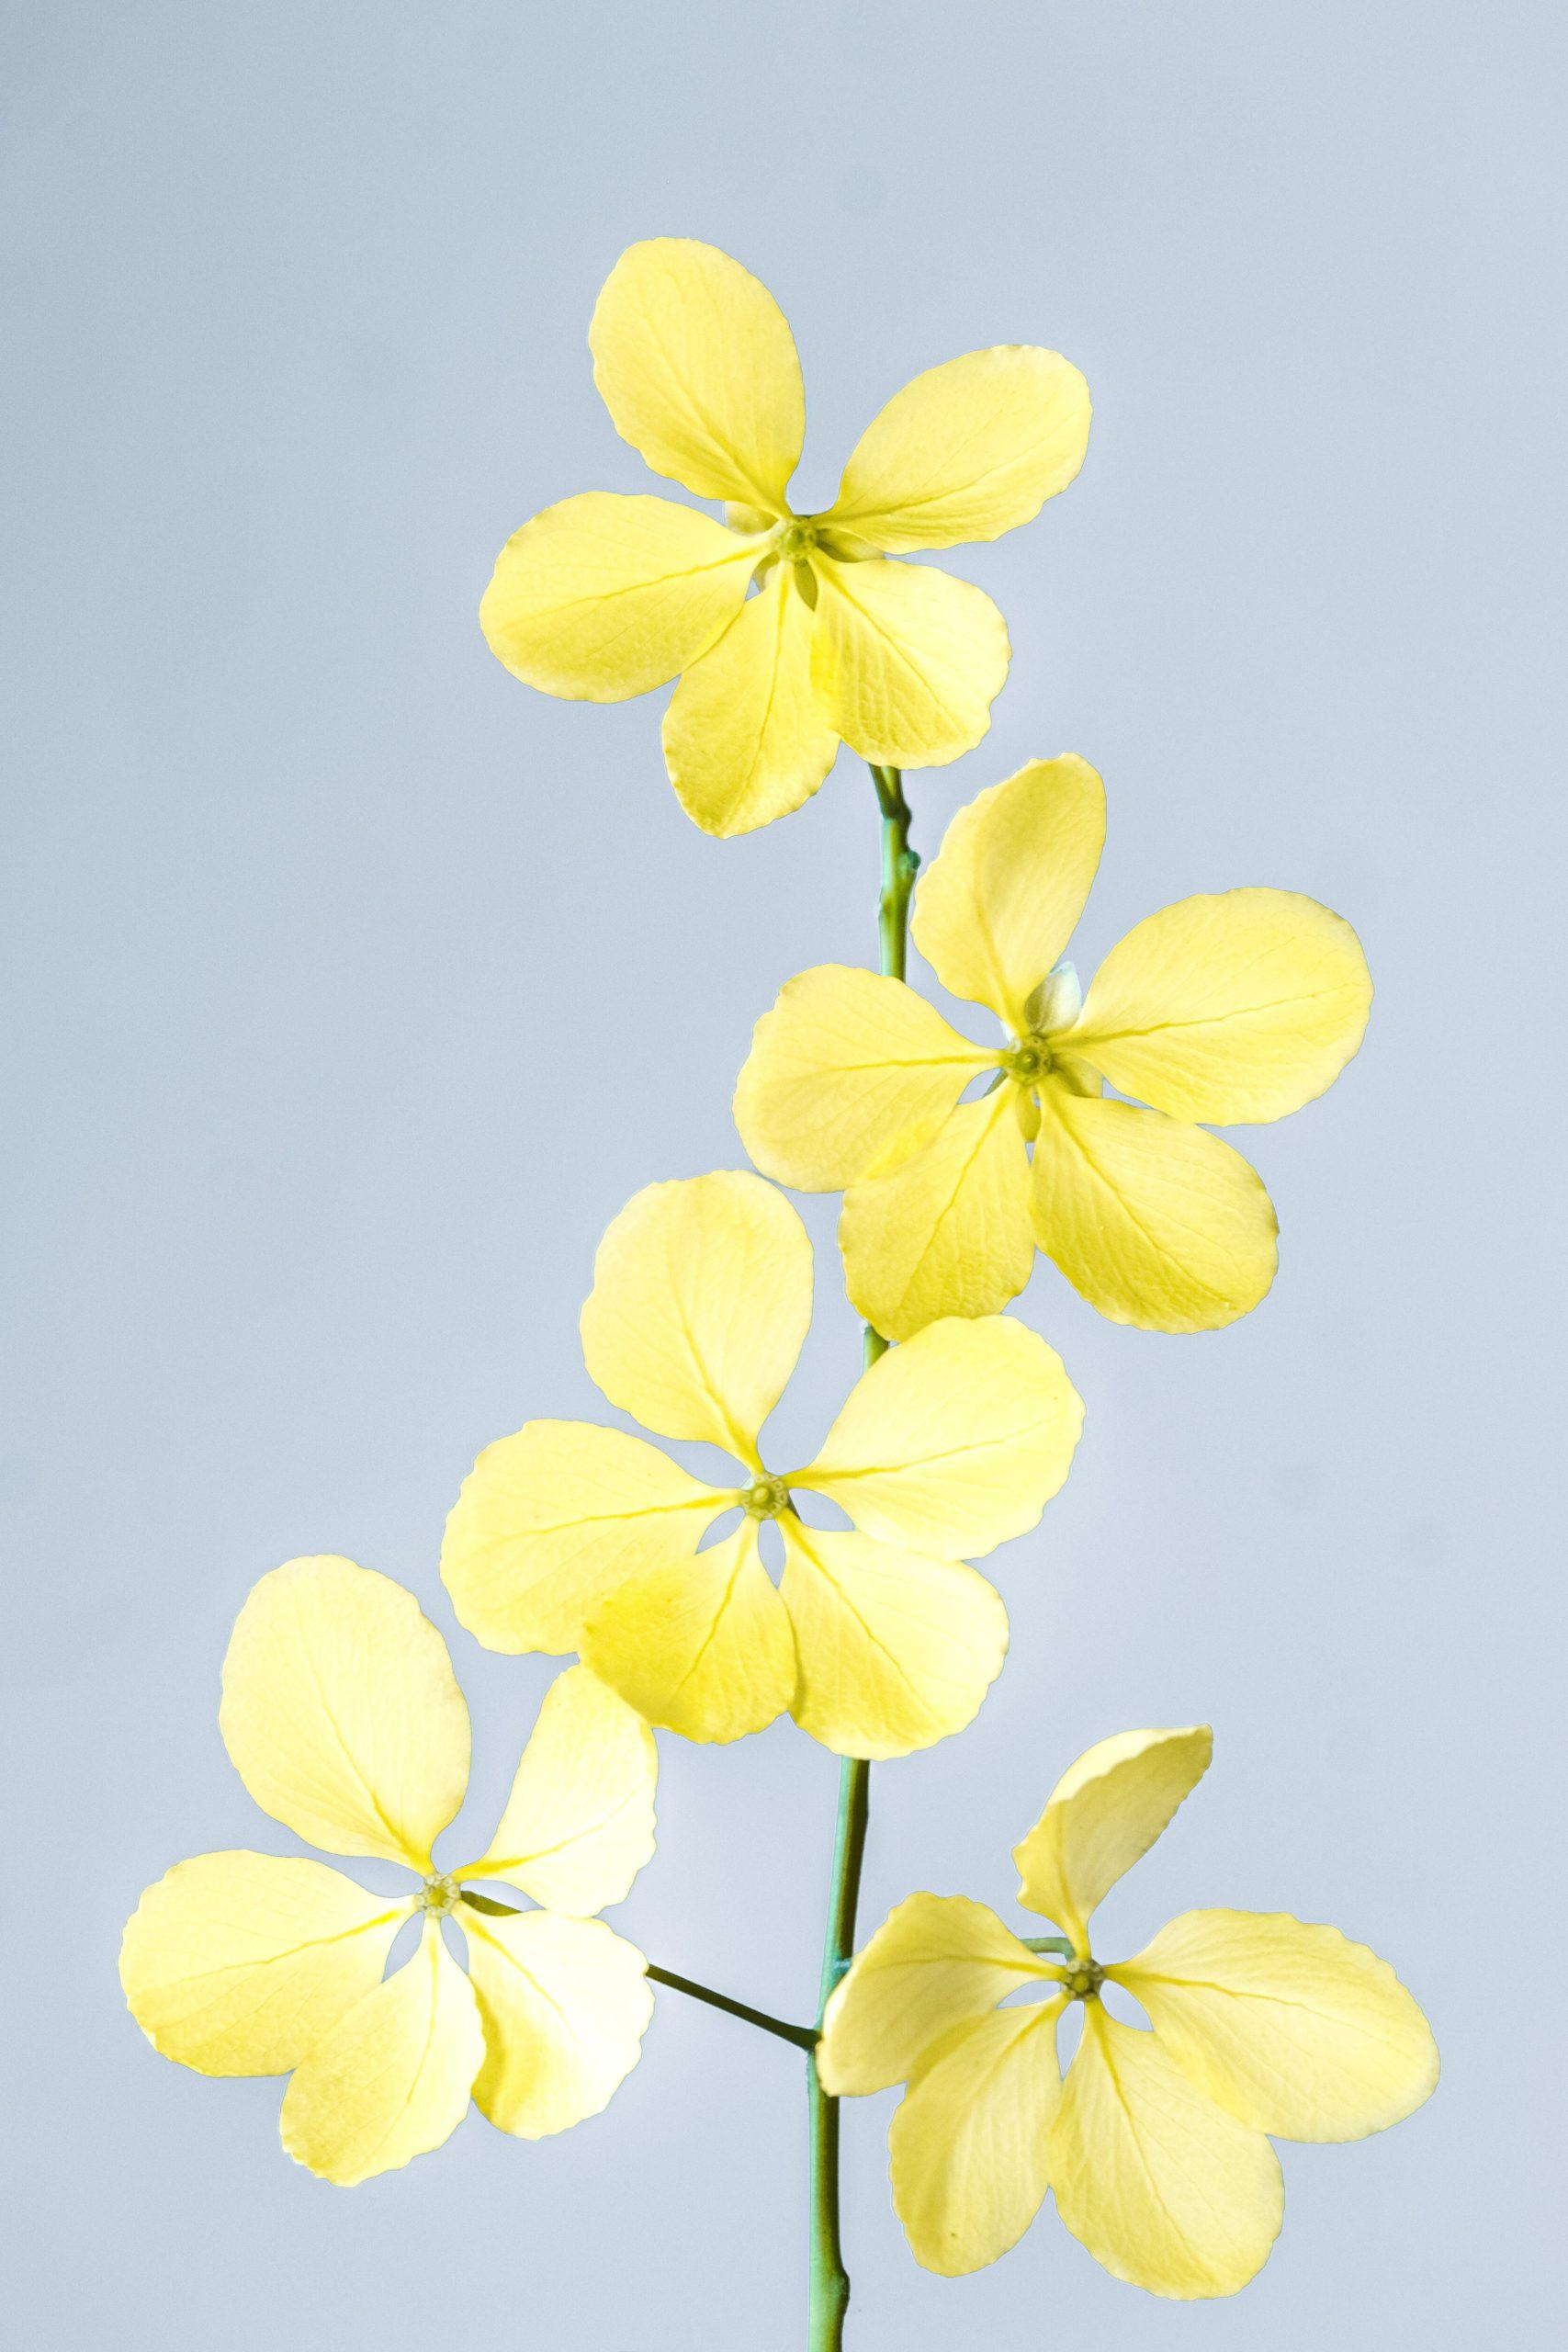 Zweig mit gelben Blüten vor grauem Hintergrund